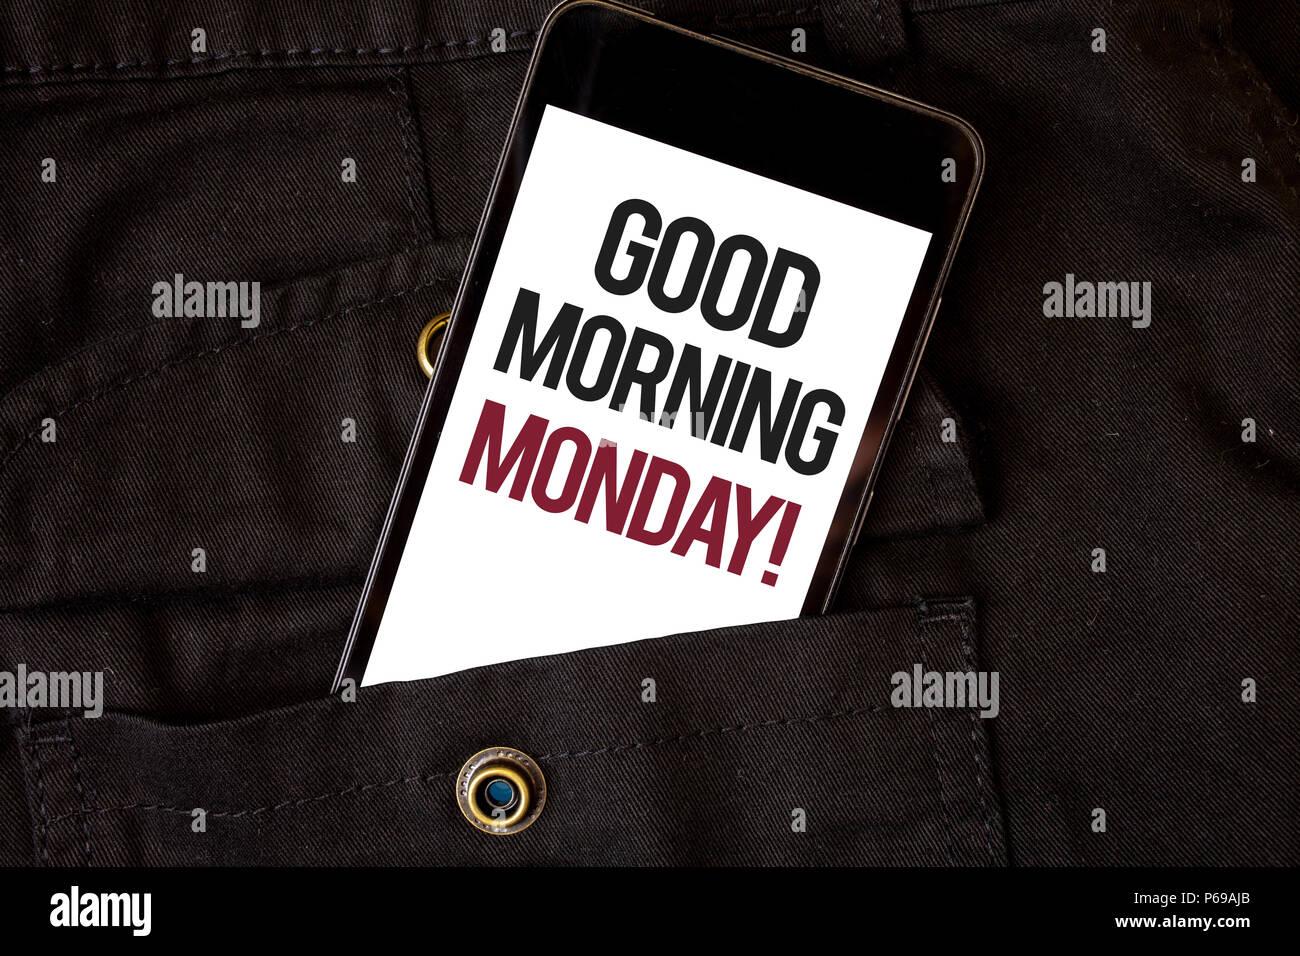 Guten morgen bilder fürs handy